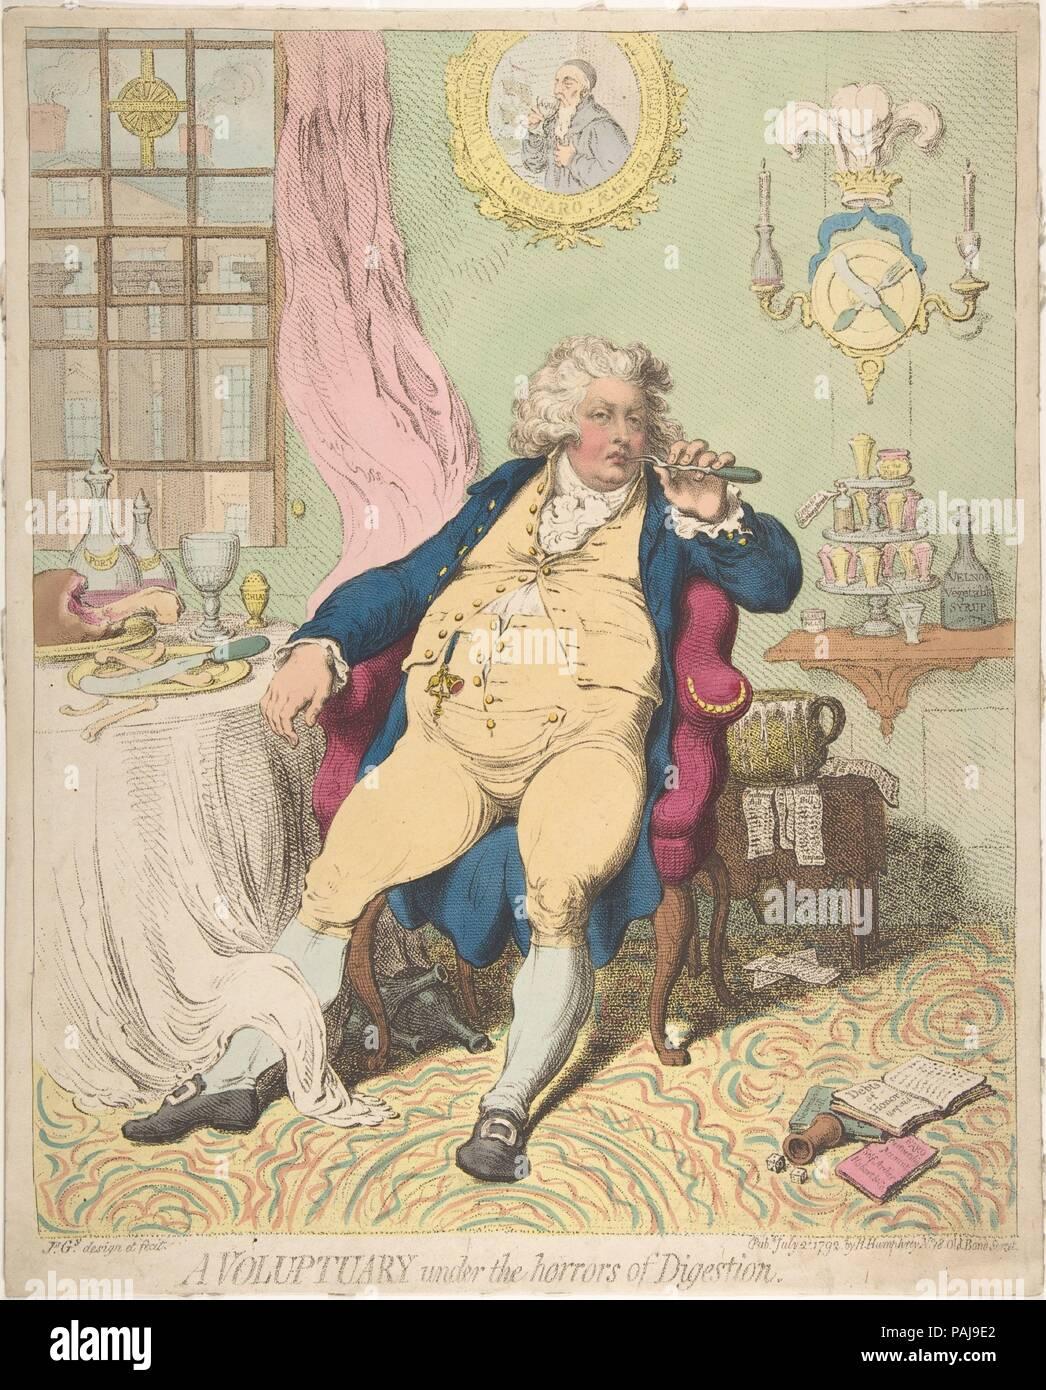 Un Voluptuary sous les horreurs de la digestion. Artiste: James Gillray (britannique, Chelsea 1756-1815 Londres). Fiche technique: Dimensions: 14 3/8 x 11 9/16 in. (36,5 x 29,3 cm). Editeur: Hannah Humphrey (Londres). Date: 2 juillet 1792. Gillray's brutal célèbre caricature de George, Prince de Galles encapsule les effets de l'auto-indulgence non contrôlée sur l'héritier du trône britannique. Étendu dans son fauteuil après un copieux repas, le prince choisit ses dents avec une fourchette à viande; son manque d'honneur est souligné par le pot de chambre qui coule à son coude utilisée pour fixer les factures impayées. À seulement 30 ans, Banque D'Images